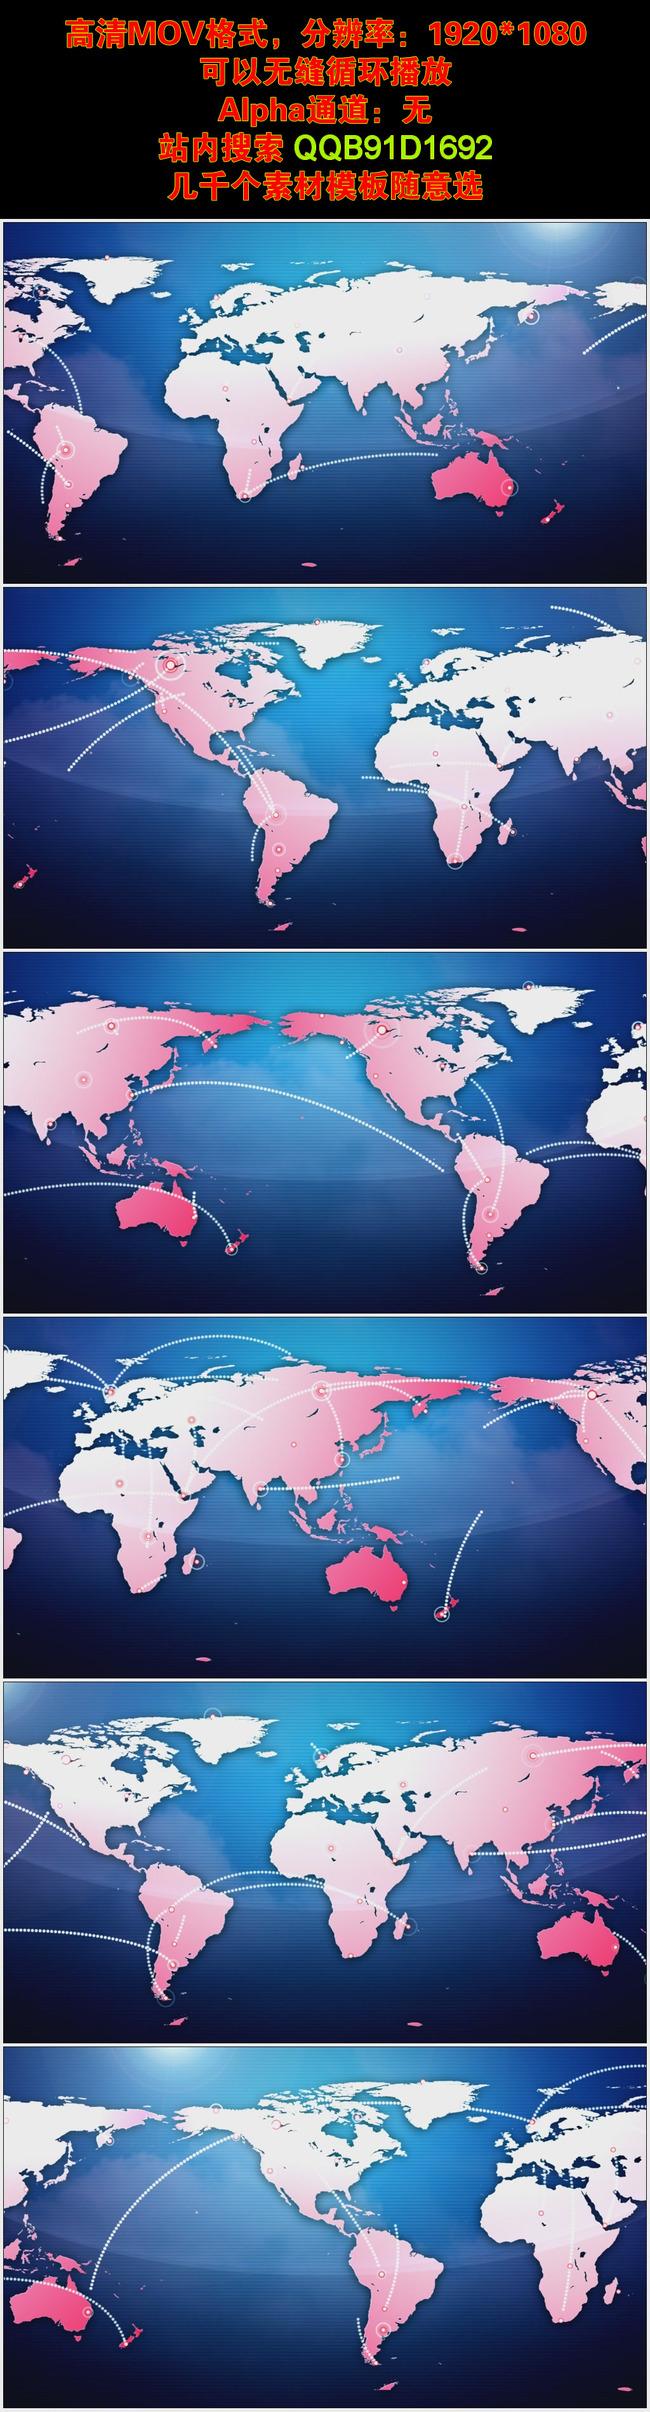 多彩世界手绘地图系列:多彩世界摘要_乐乐简笔画